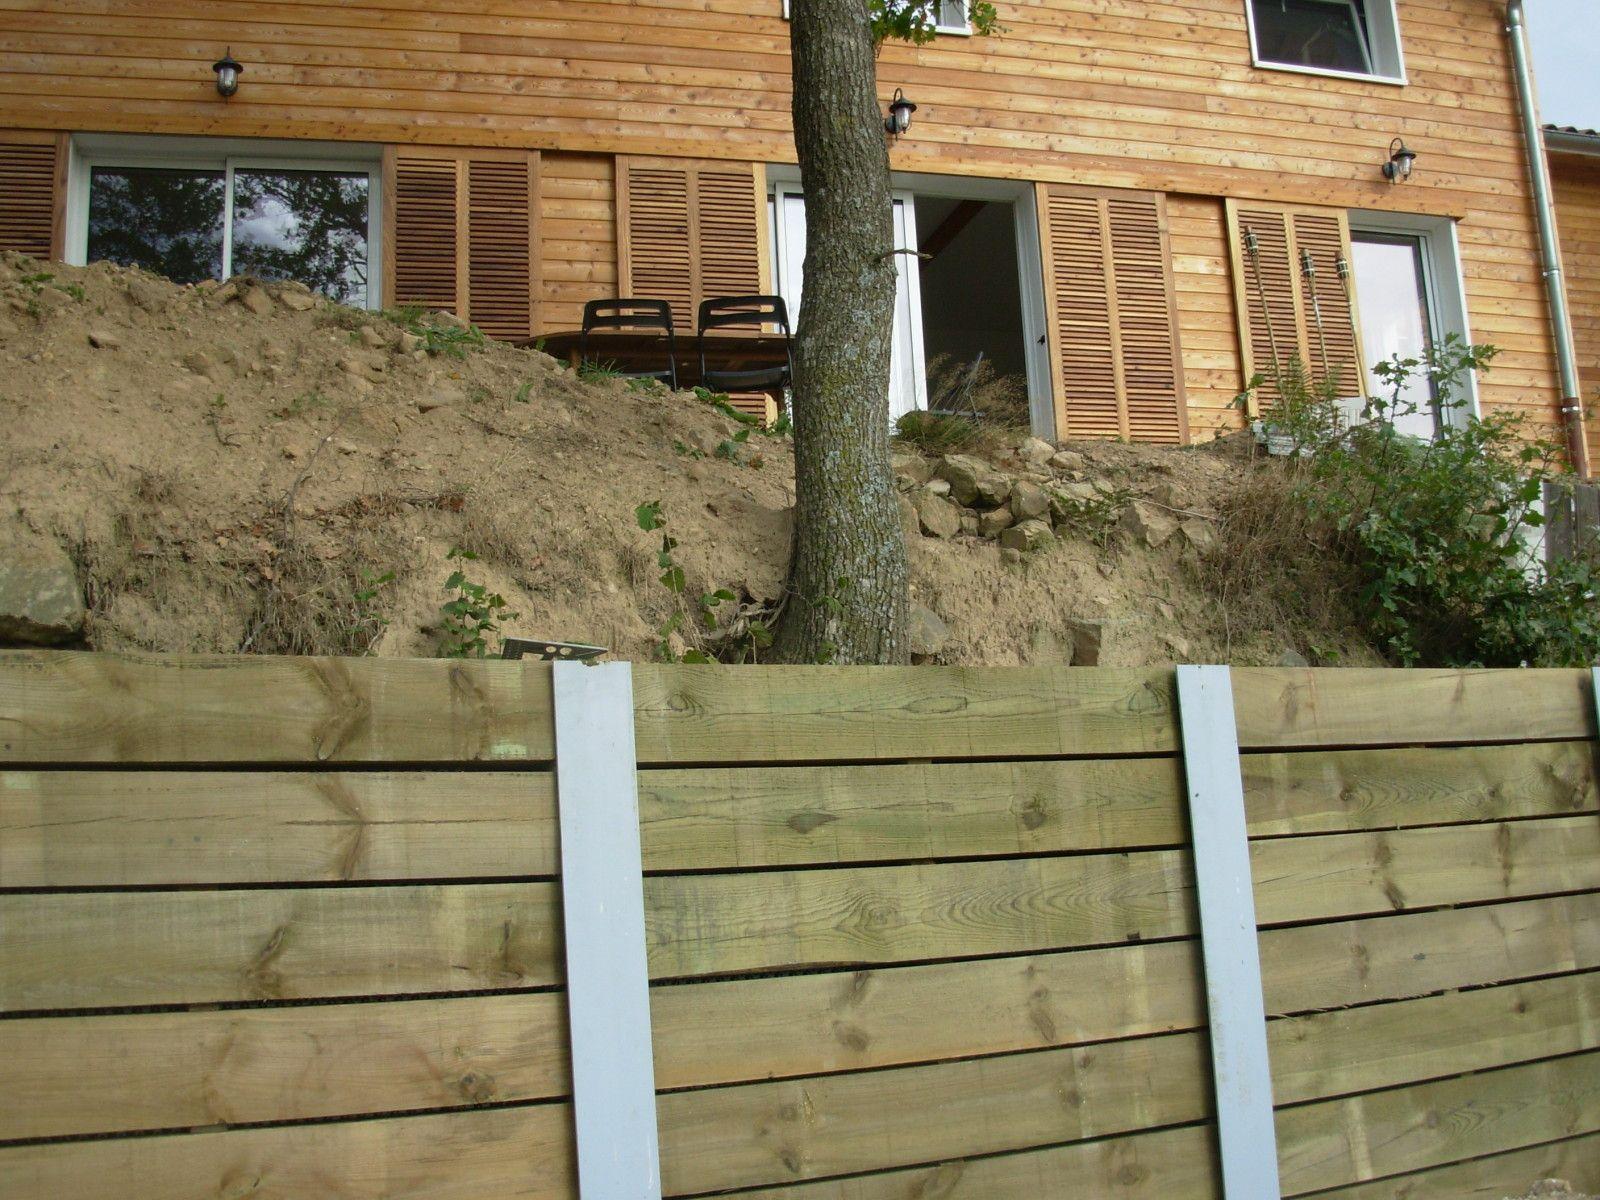 R sultat de recherche d 39 images pour mur soutenement en bois amenagement exterieur - Faire un mur de soutenement ...